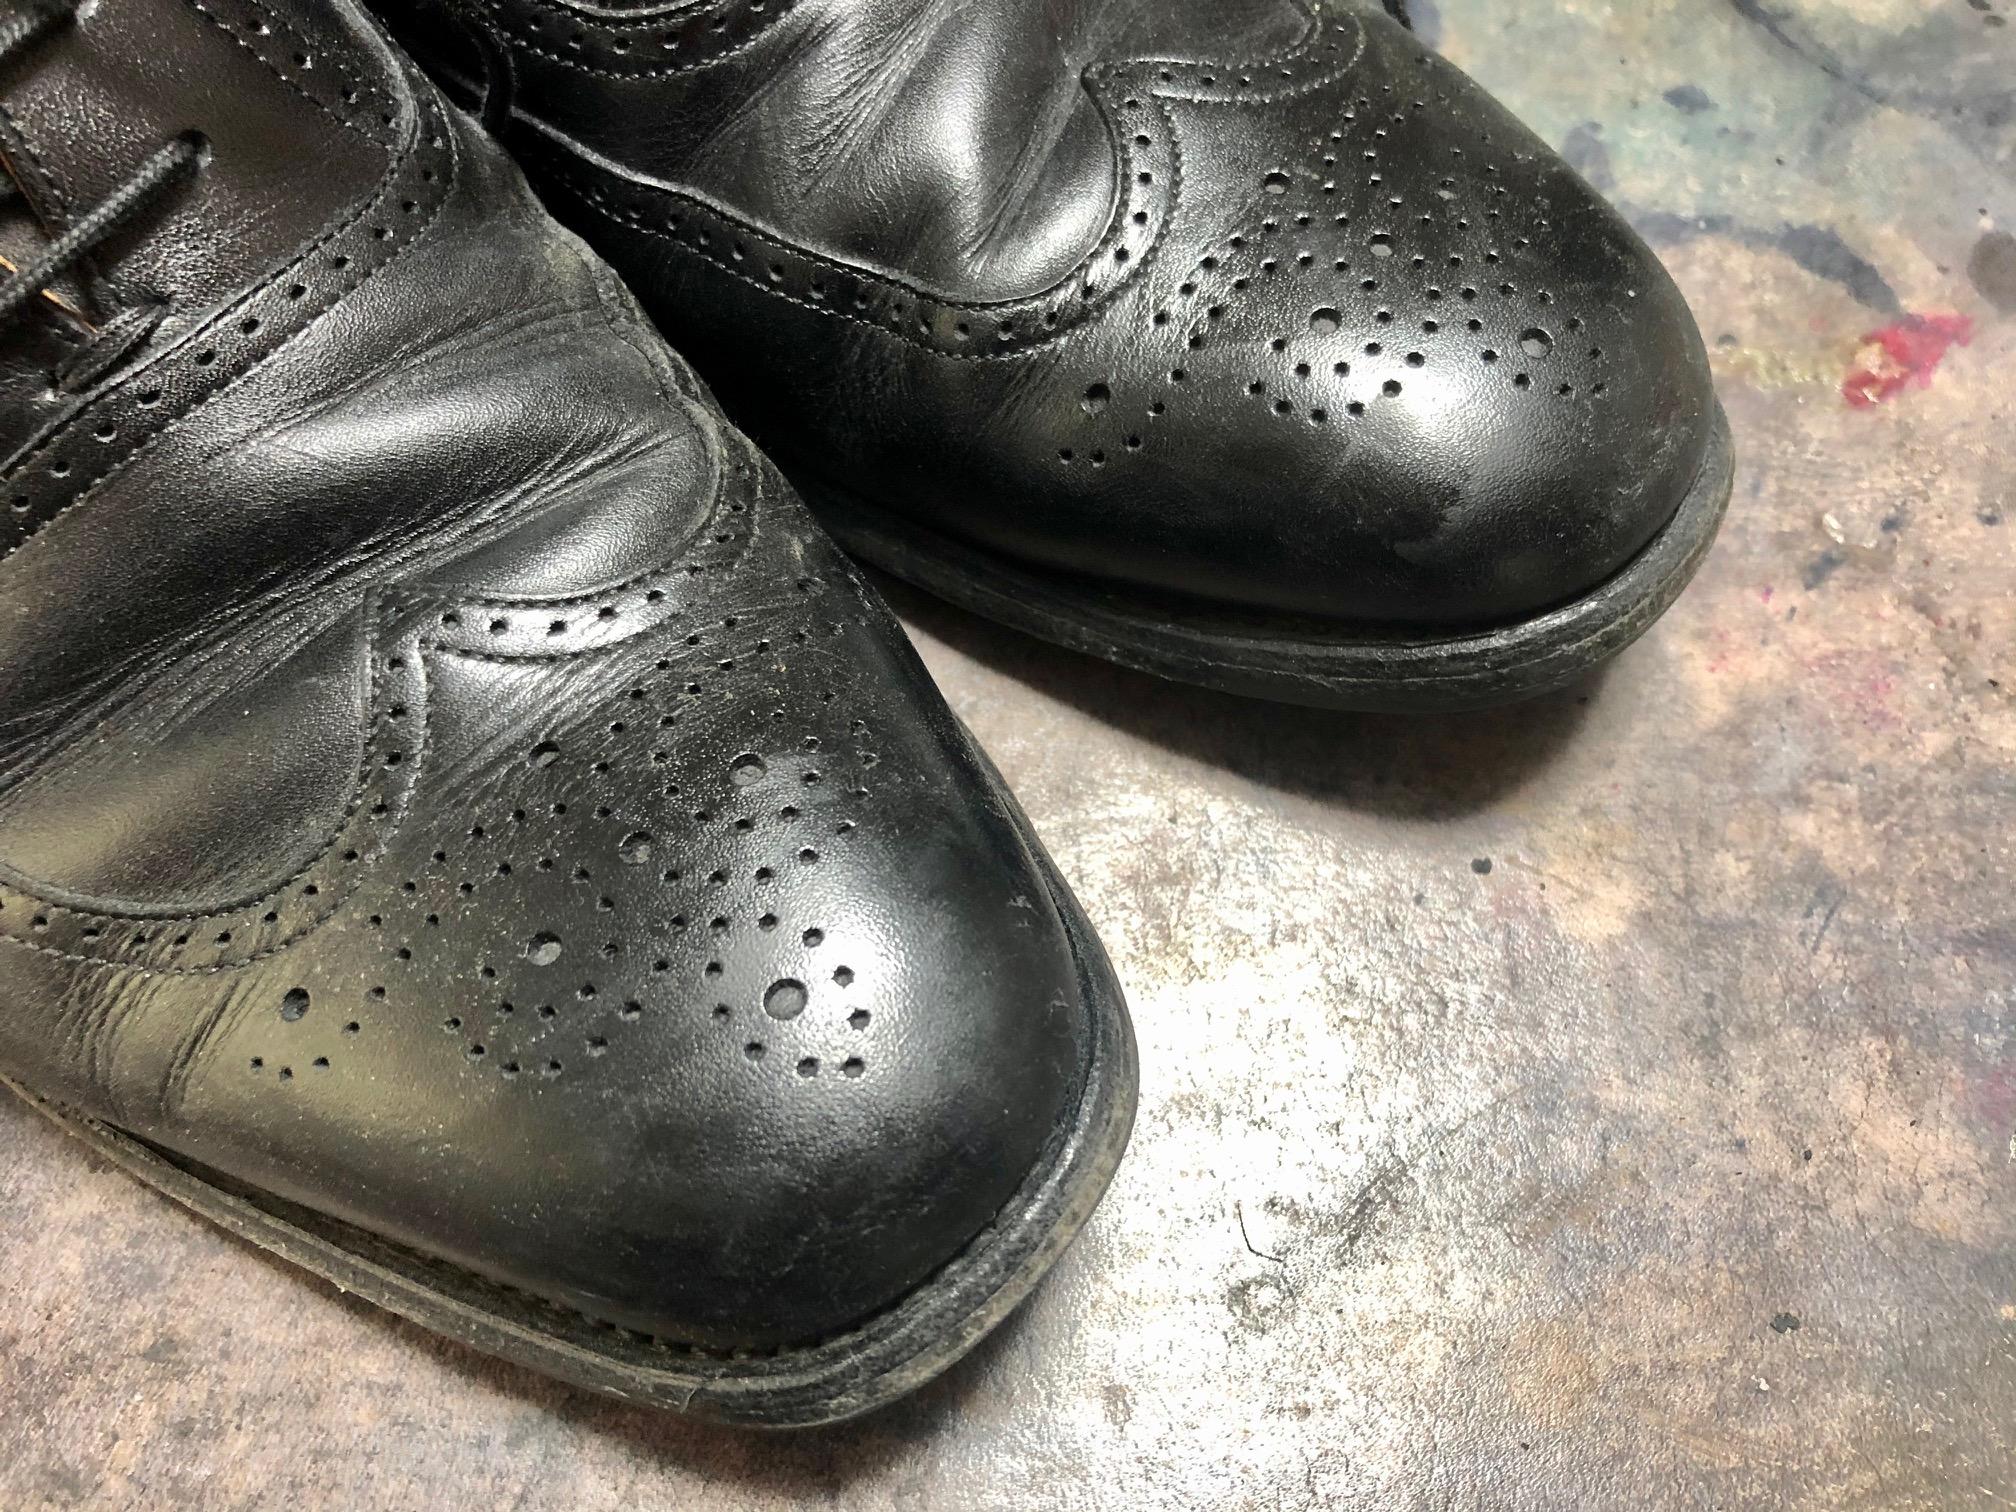 スコッチグレイン 靴磨き お手入れ 鏡面磨き